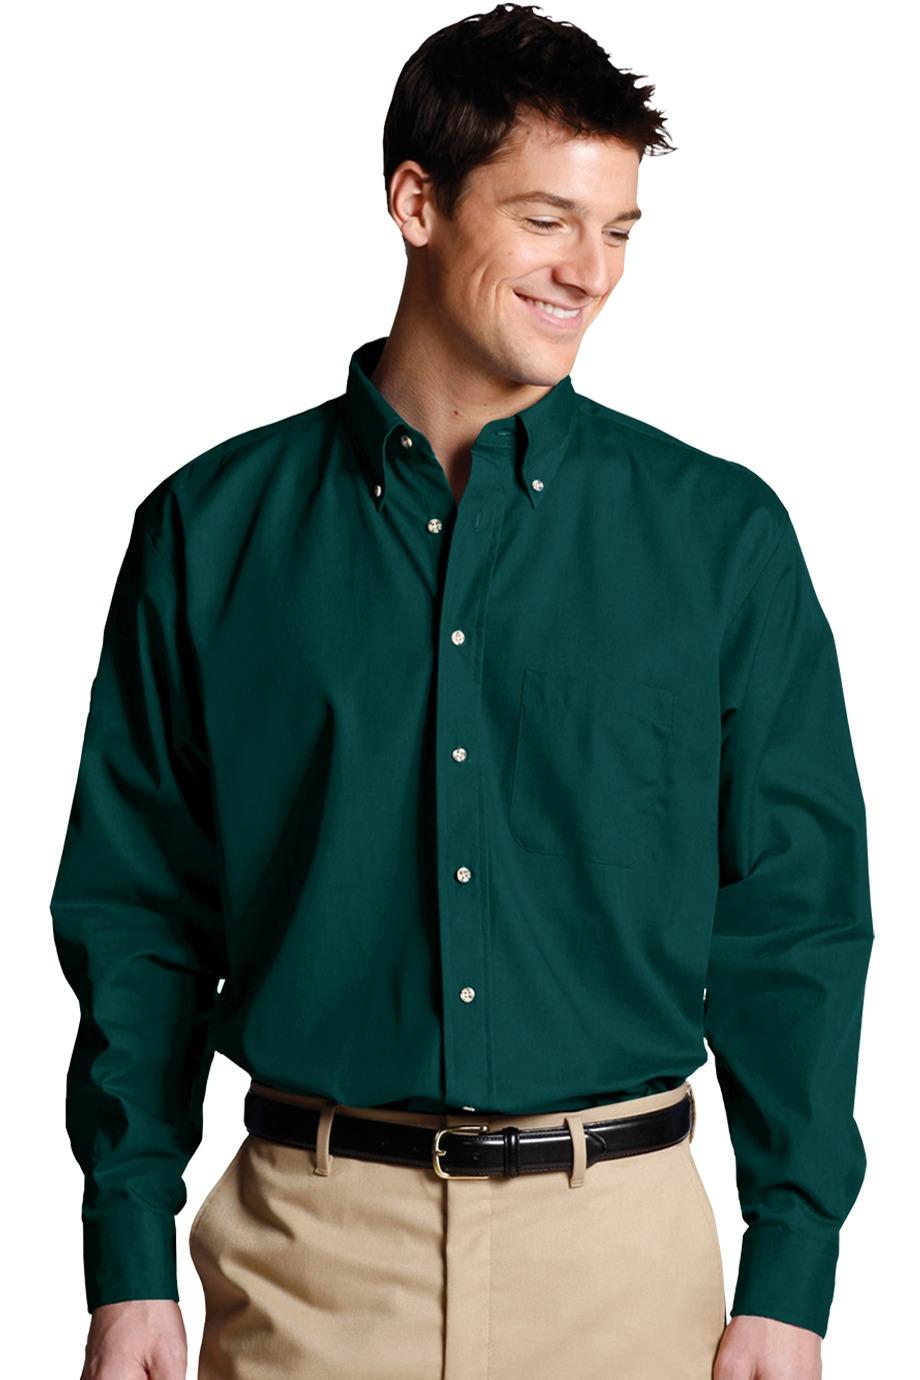 Edwards Garment 1280 - Men's Easy Care Poplin Shirt